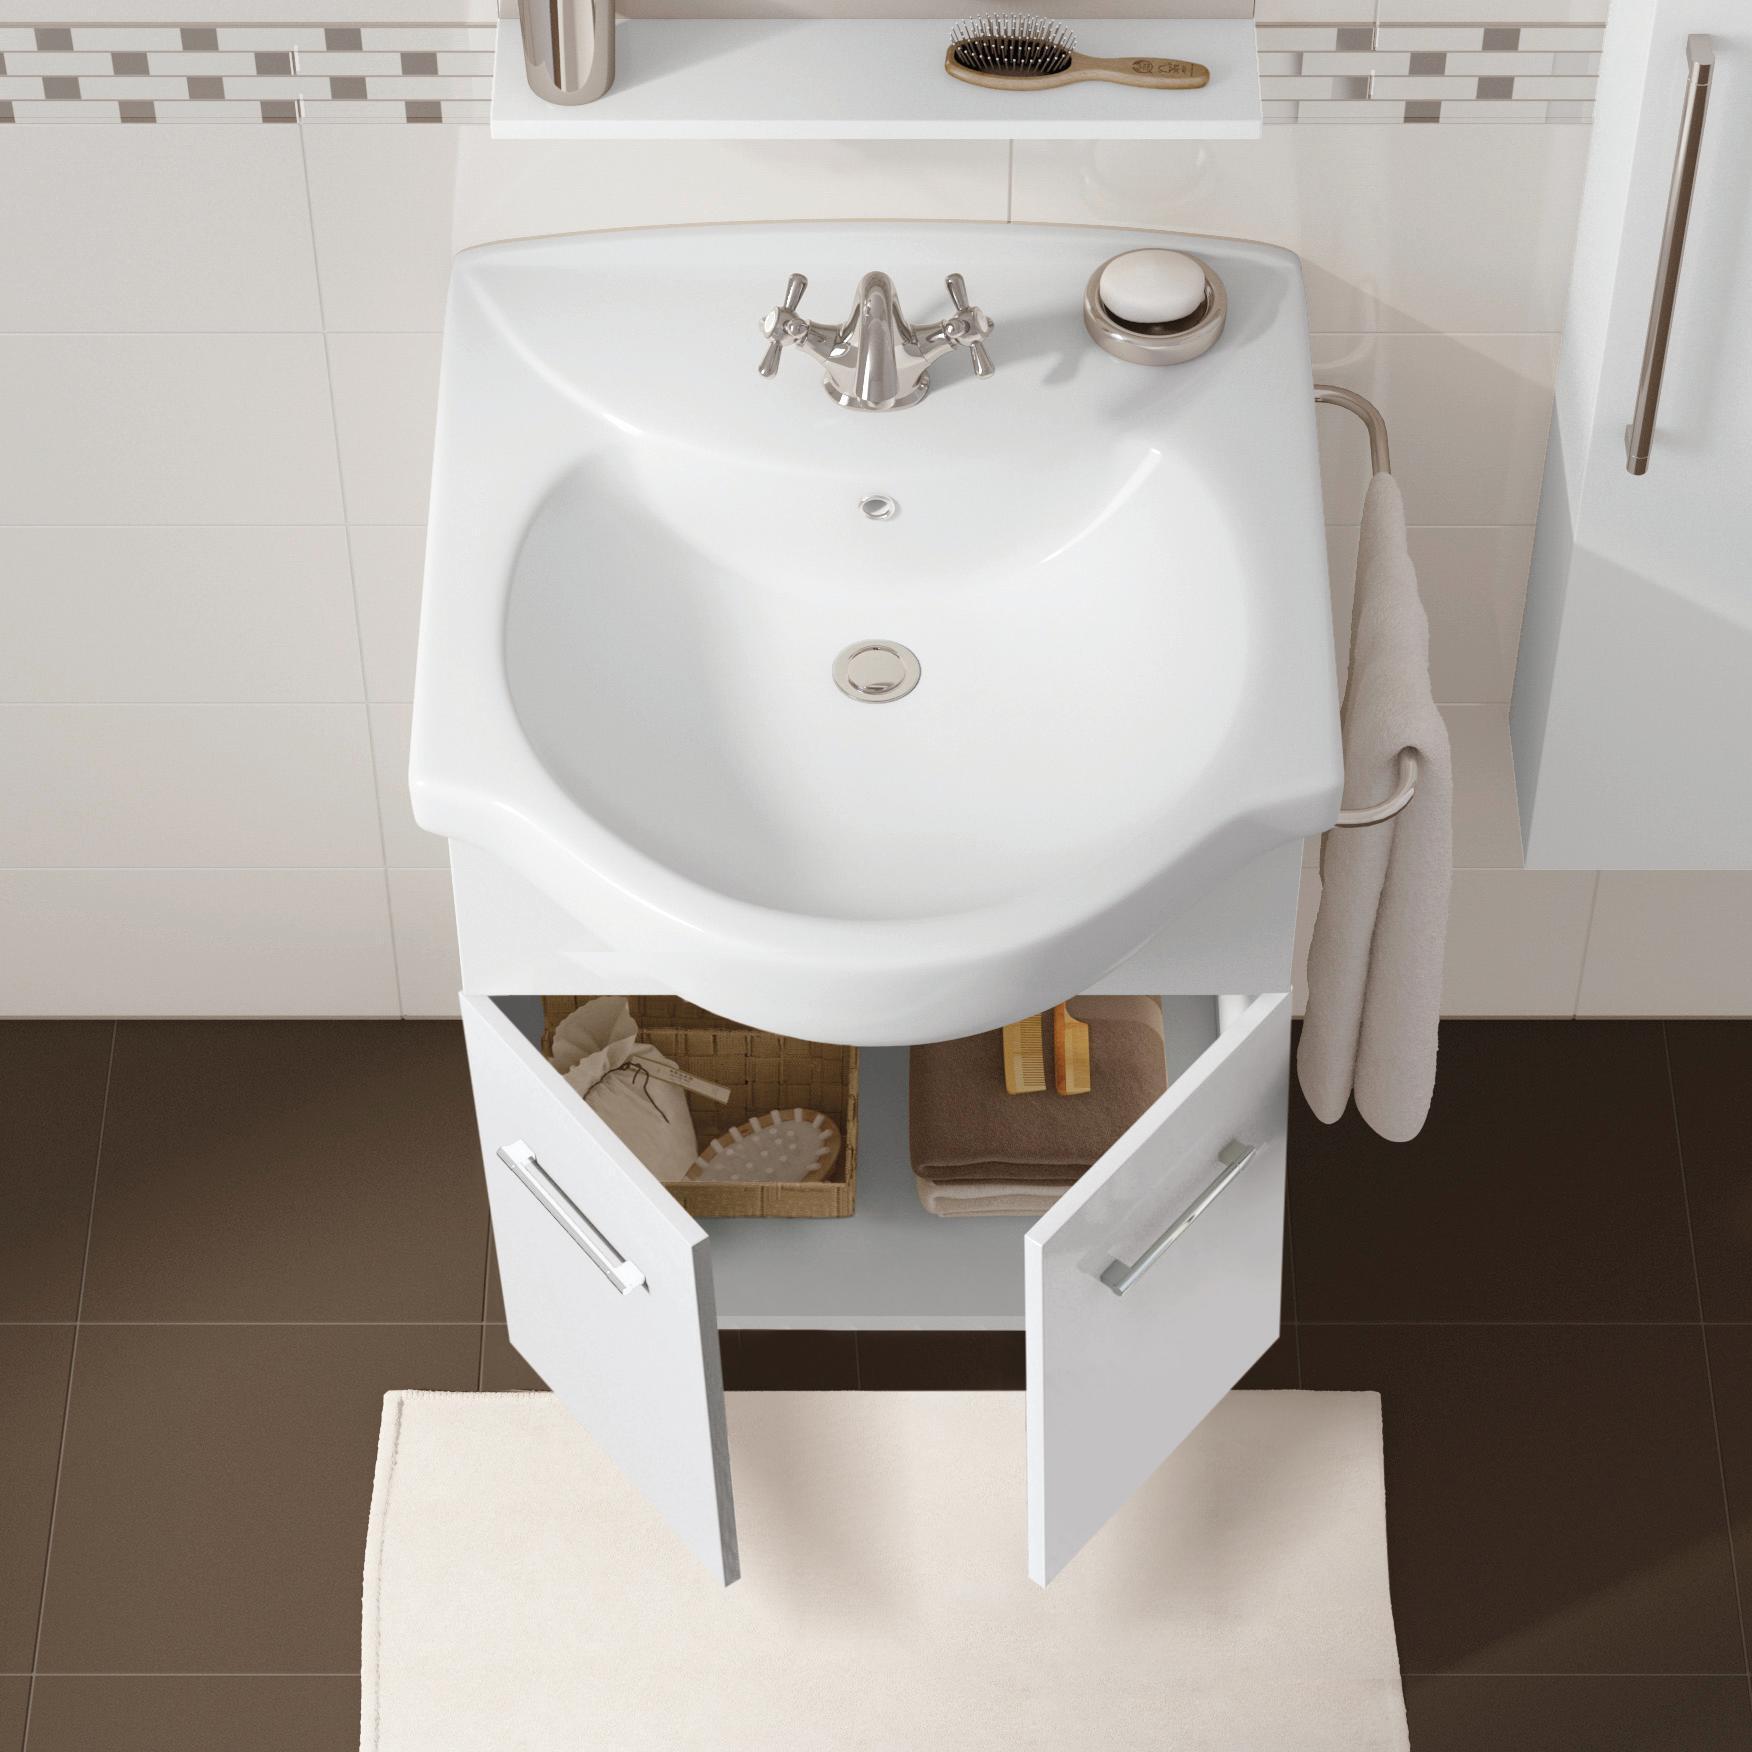 Mobile bagno Ginevra bianco lucido L 56.5 cm - 2